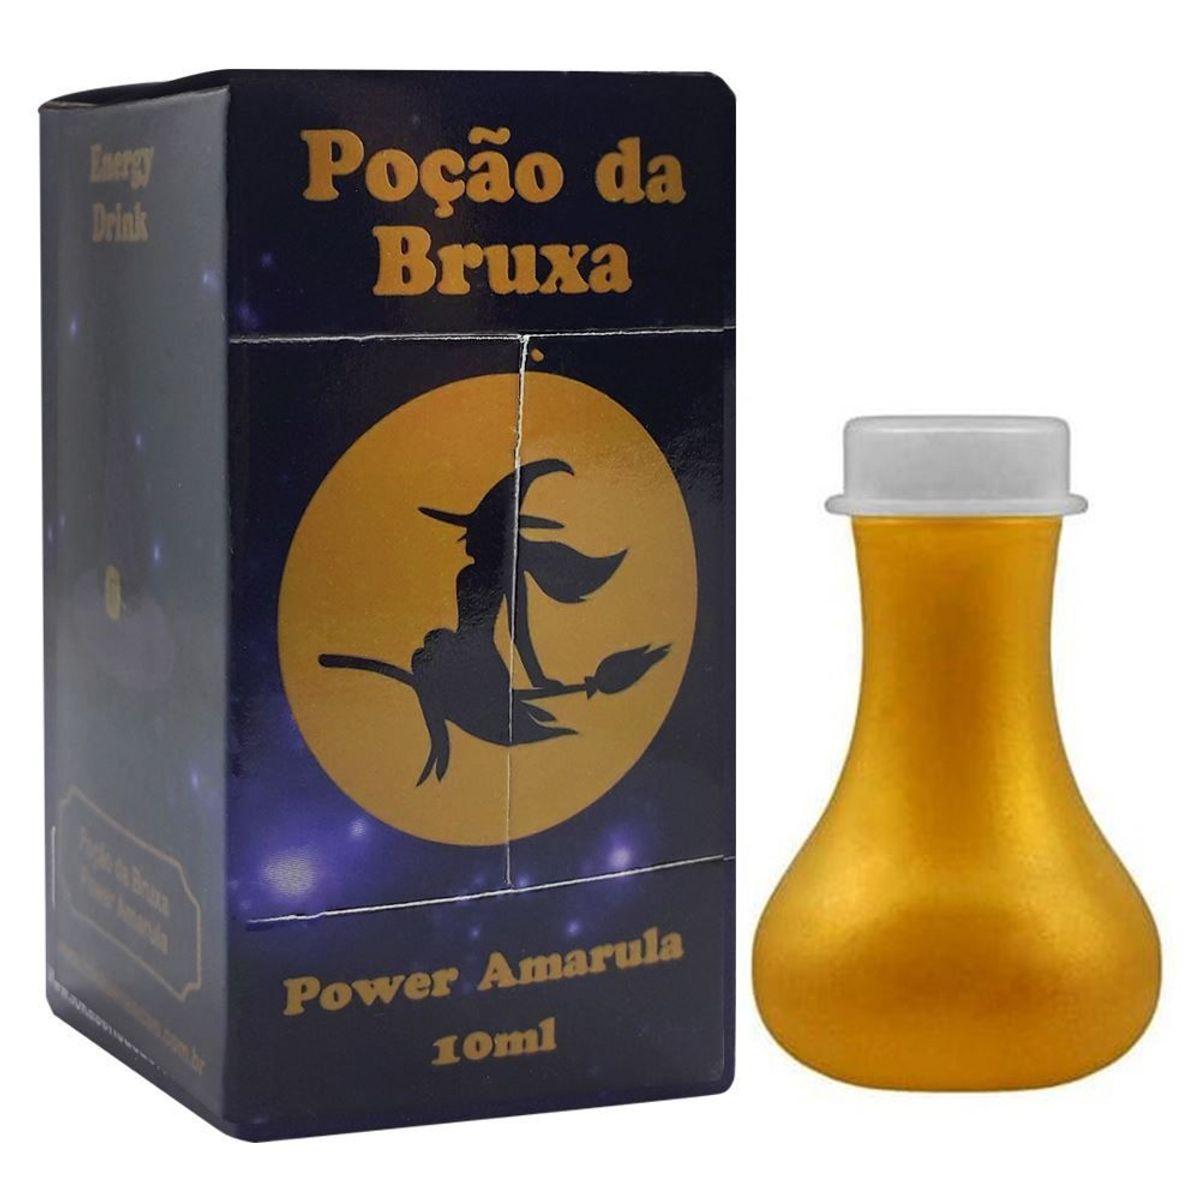 Gotas Energéticas Poção Da Bruxa Gota Mágica 8ml  Power Amarula   - Fribasex - Fabricasex.com